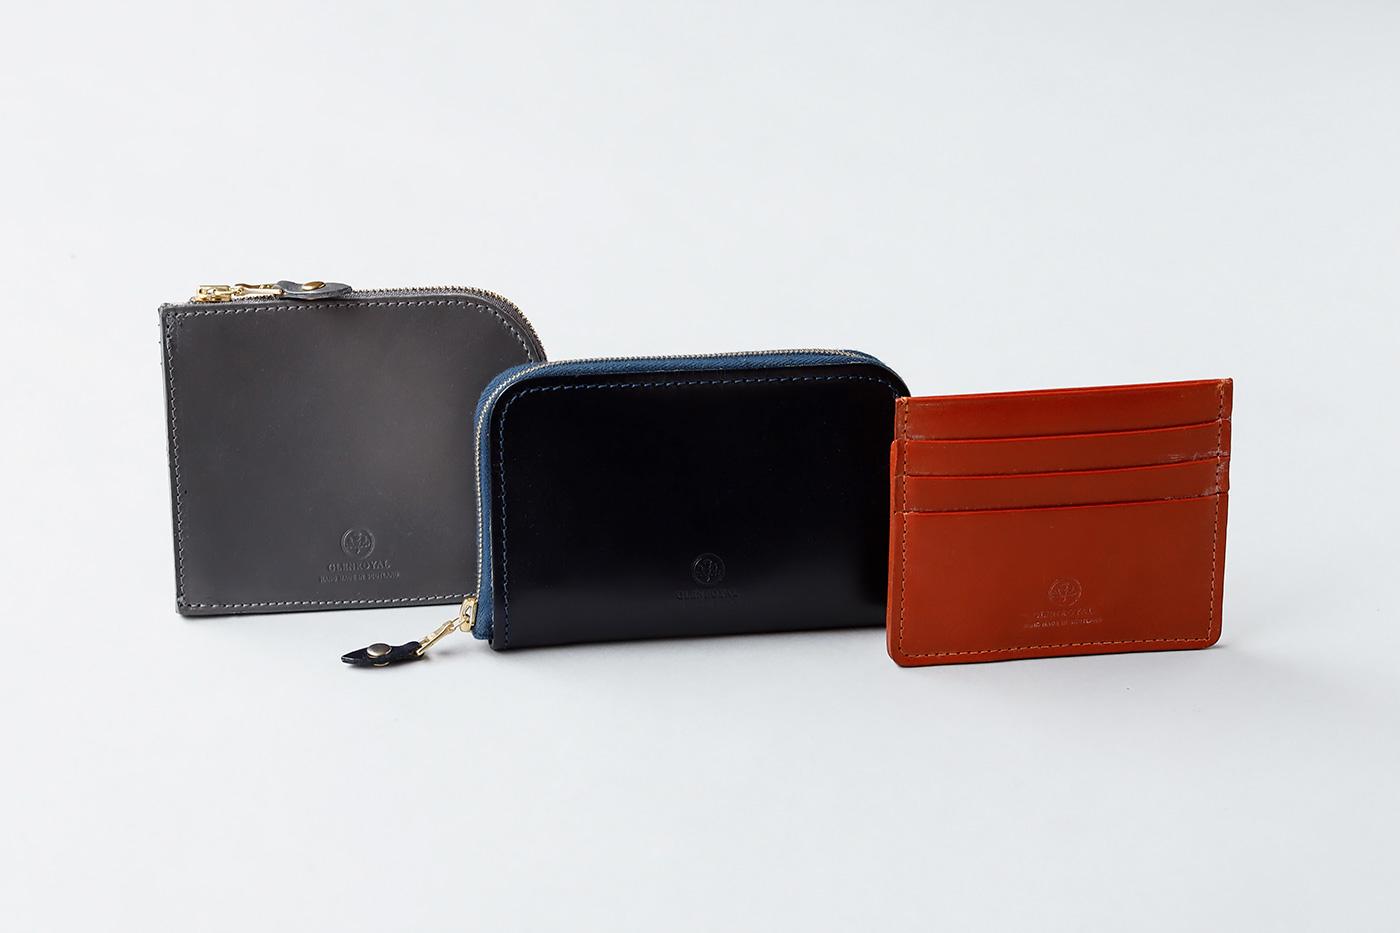 グレンロイヤル ミニ財布おすすめラインアップ